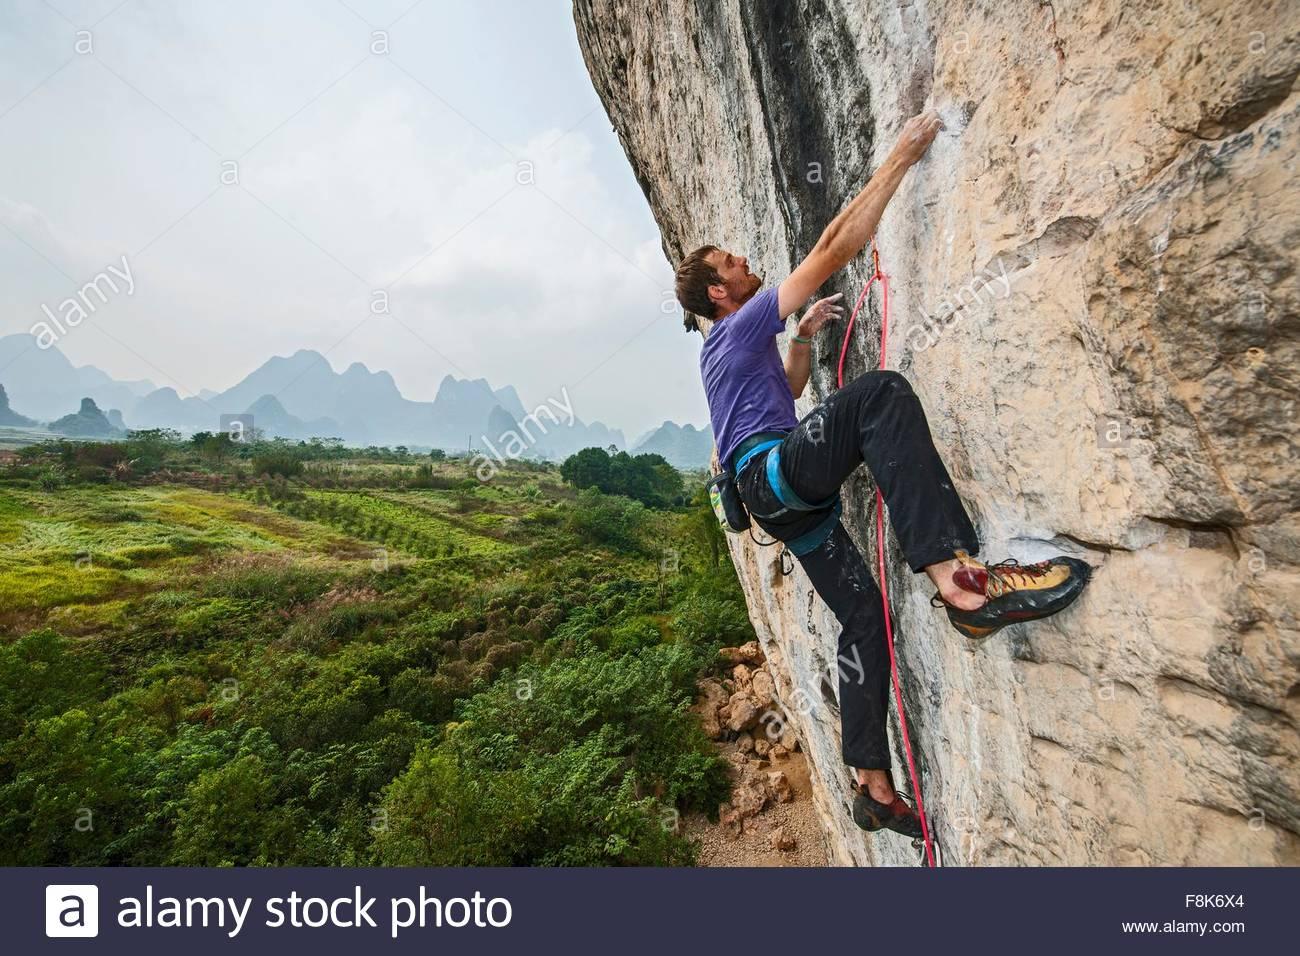 Escalada escalador masculino en la montaña blanca - un acantilado de piedra caliza en Yangshuo, Guangxi Zhuang, Imagen De Stock